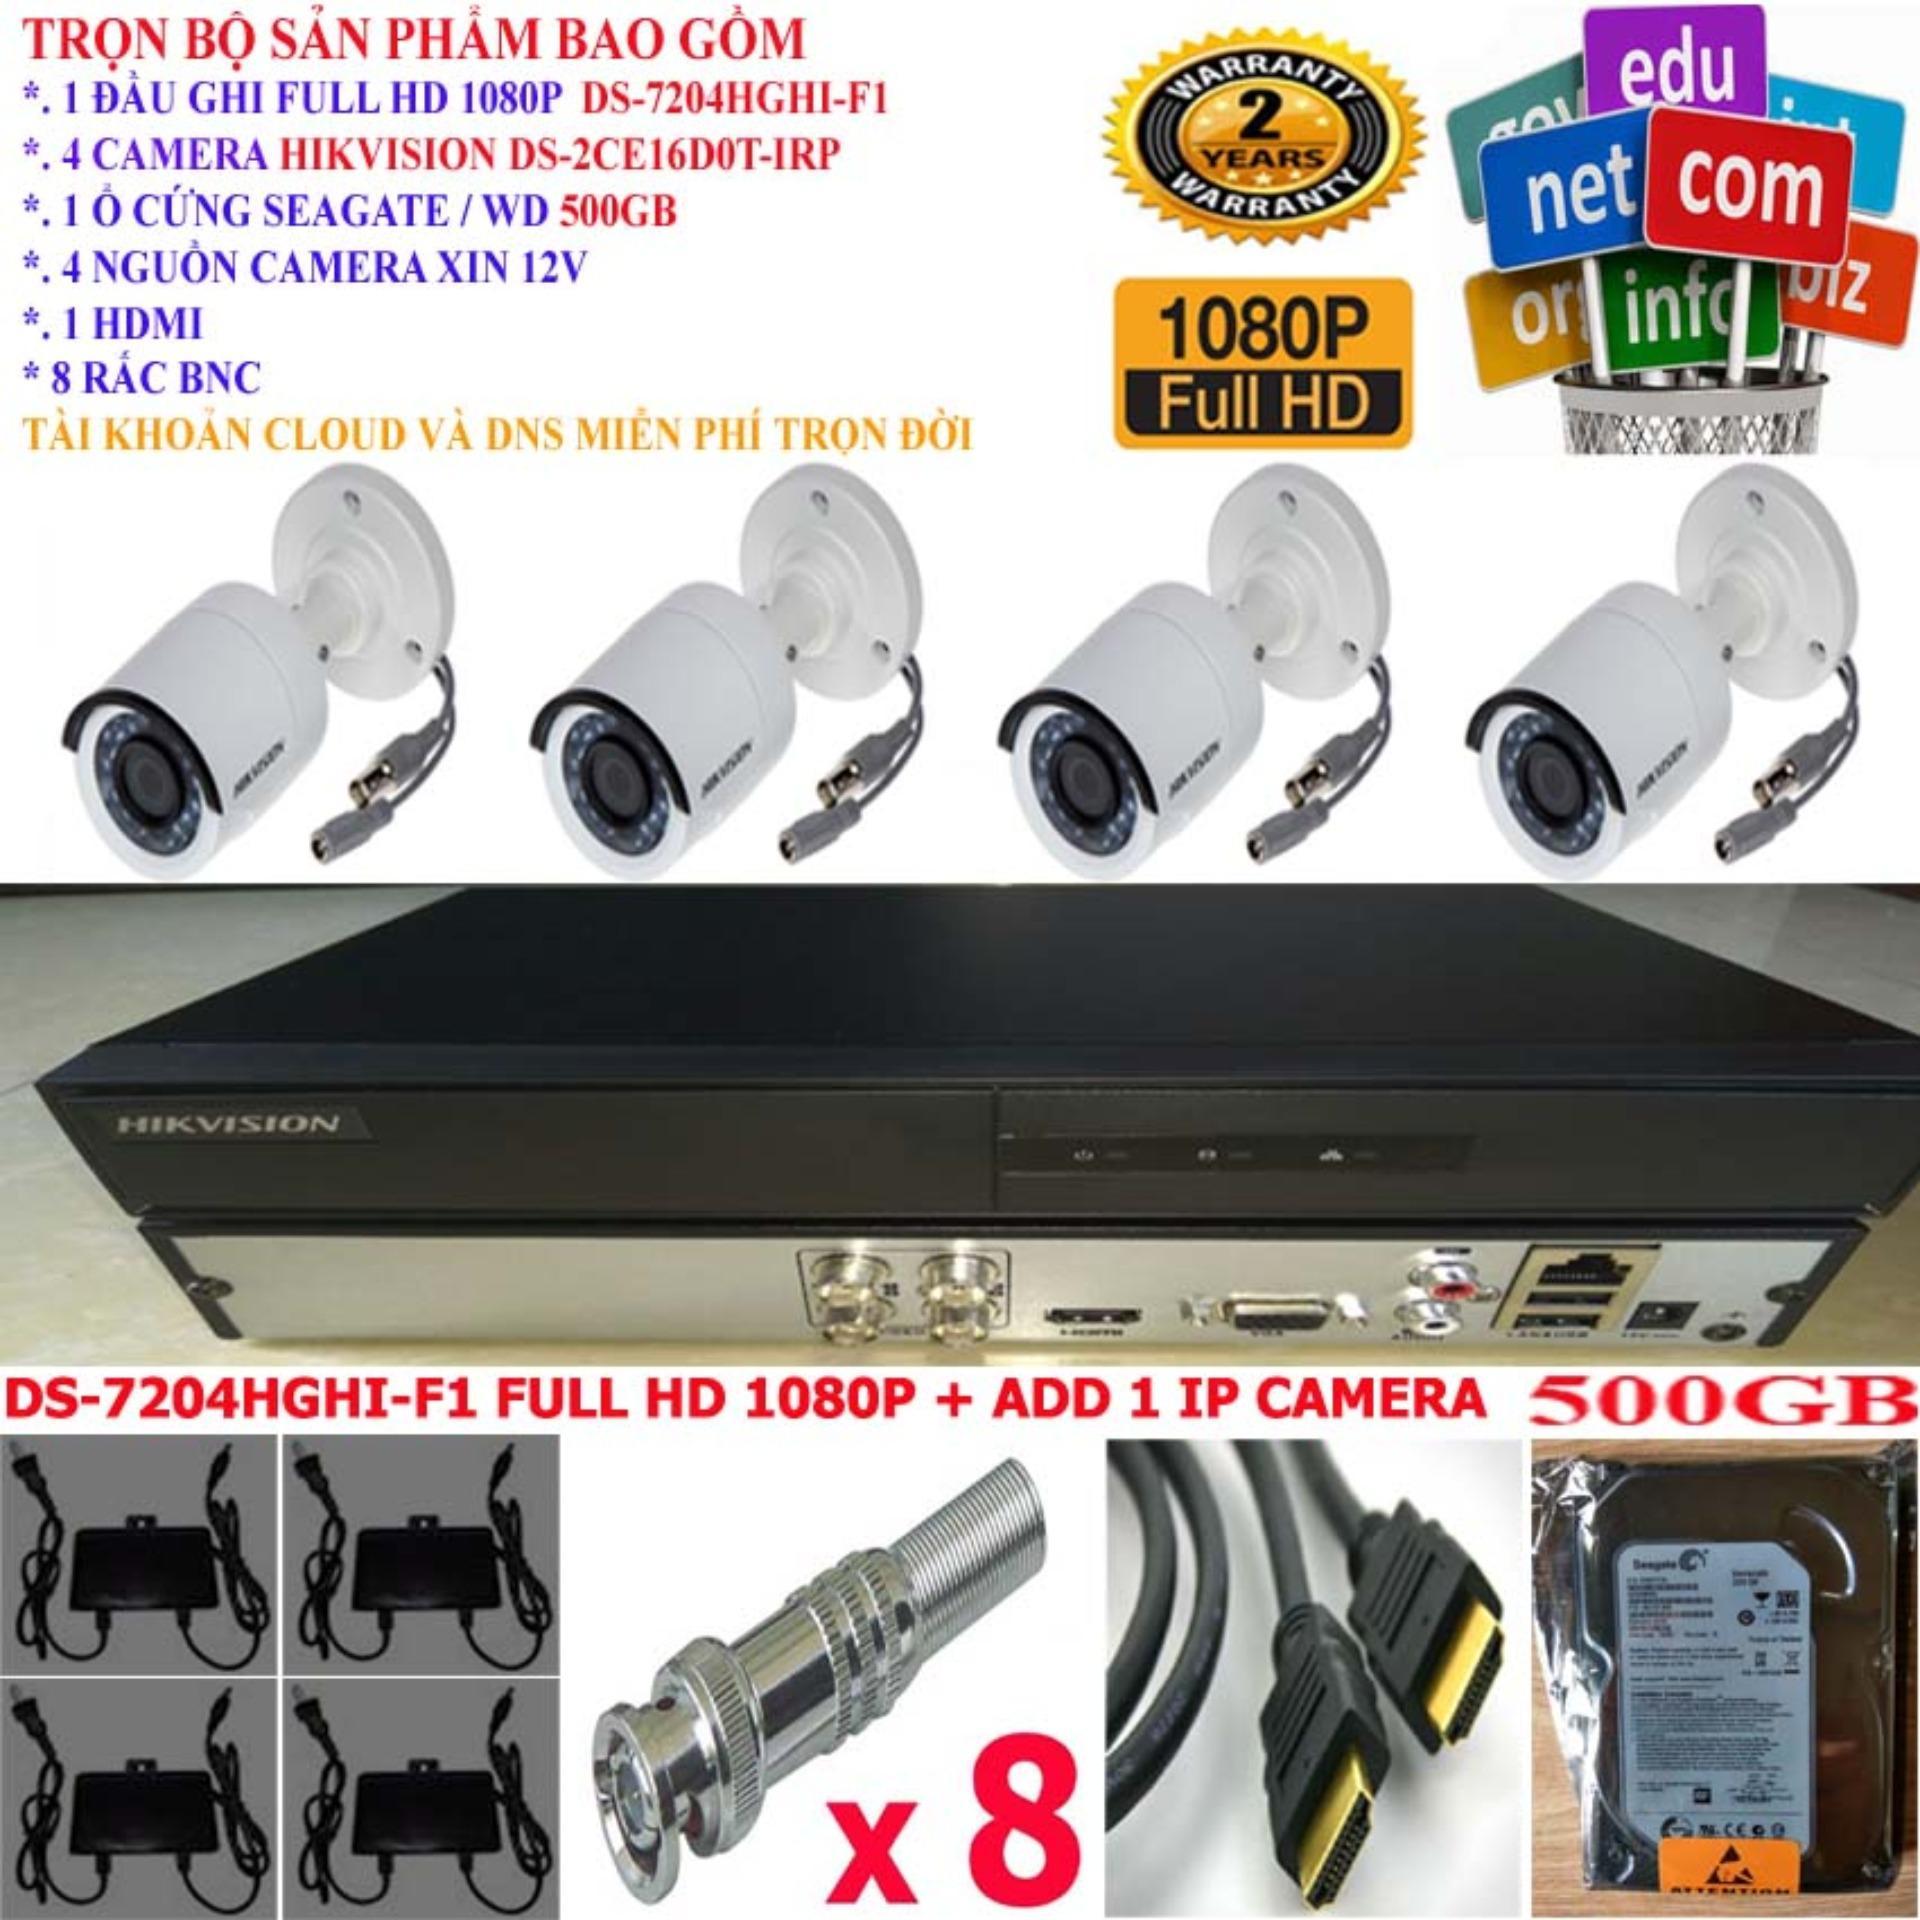 Hình ảnh Trọn bộ 1 đầu ghi hình Camera 4 KÊNH FULL HD 1080P cao cấp Hikvision DS-7204HGHI-F1 + 2 Camera FULL HD 1080P DS-2CE16D0T-IRP + 1 ổ cứng Seagate /WD 500GB + 2 Nguồn nhện xịn 12V + 4 Rắc BNC + 1 dây HDMI